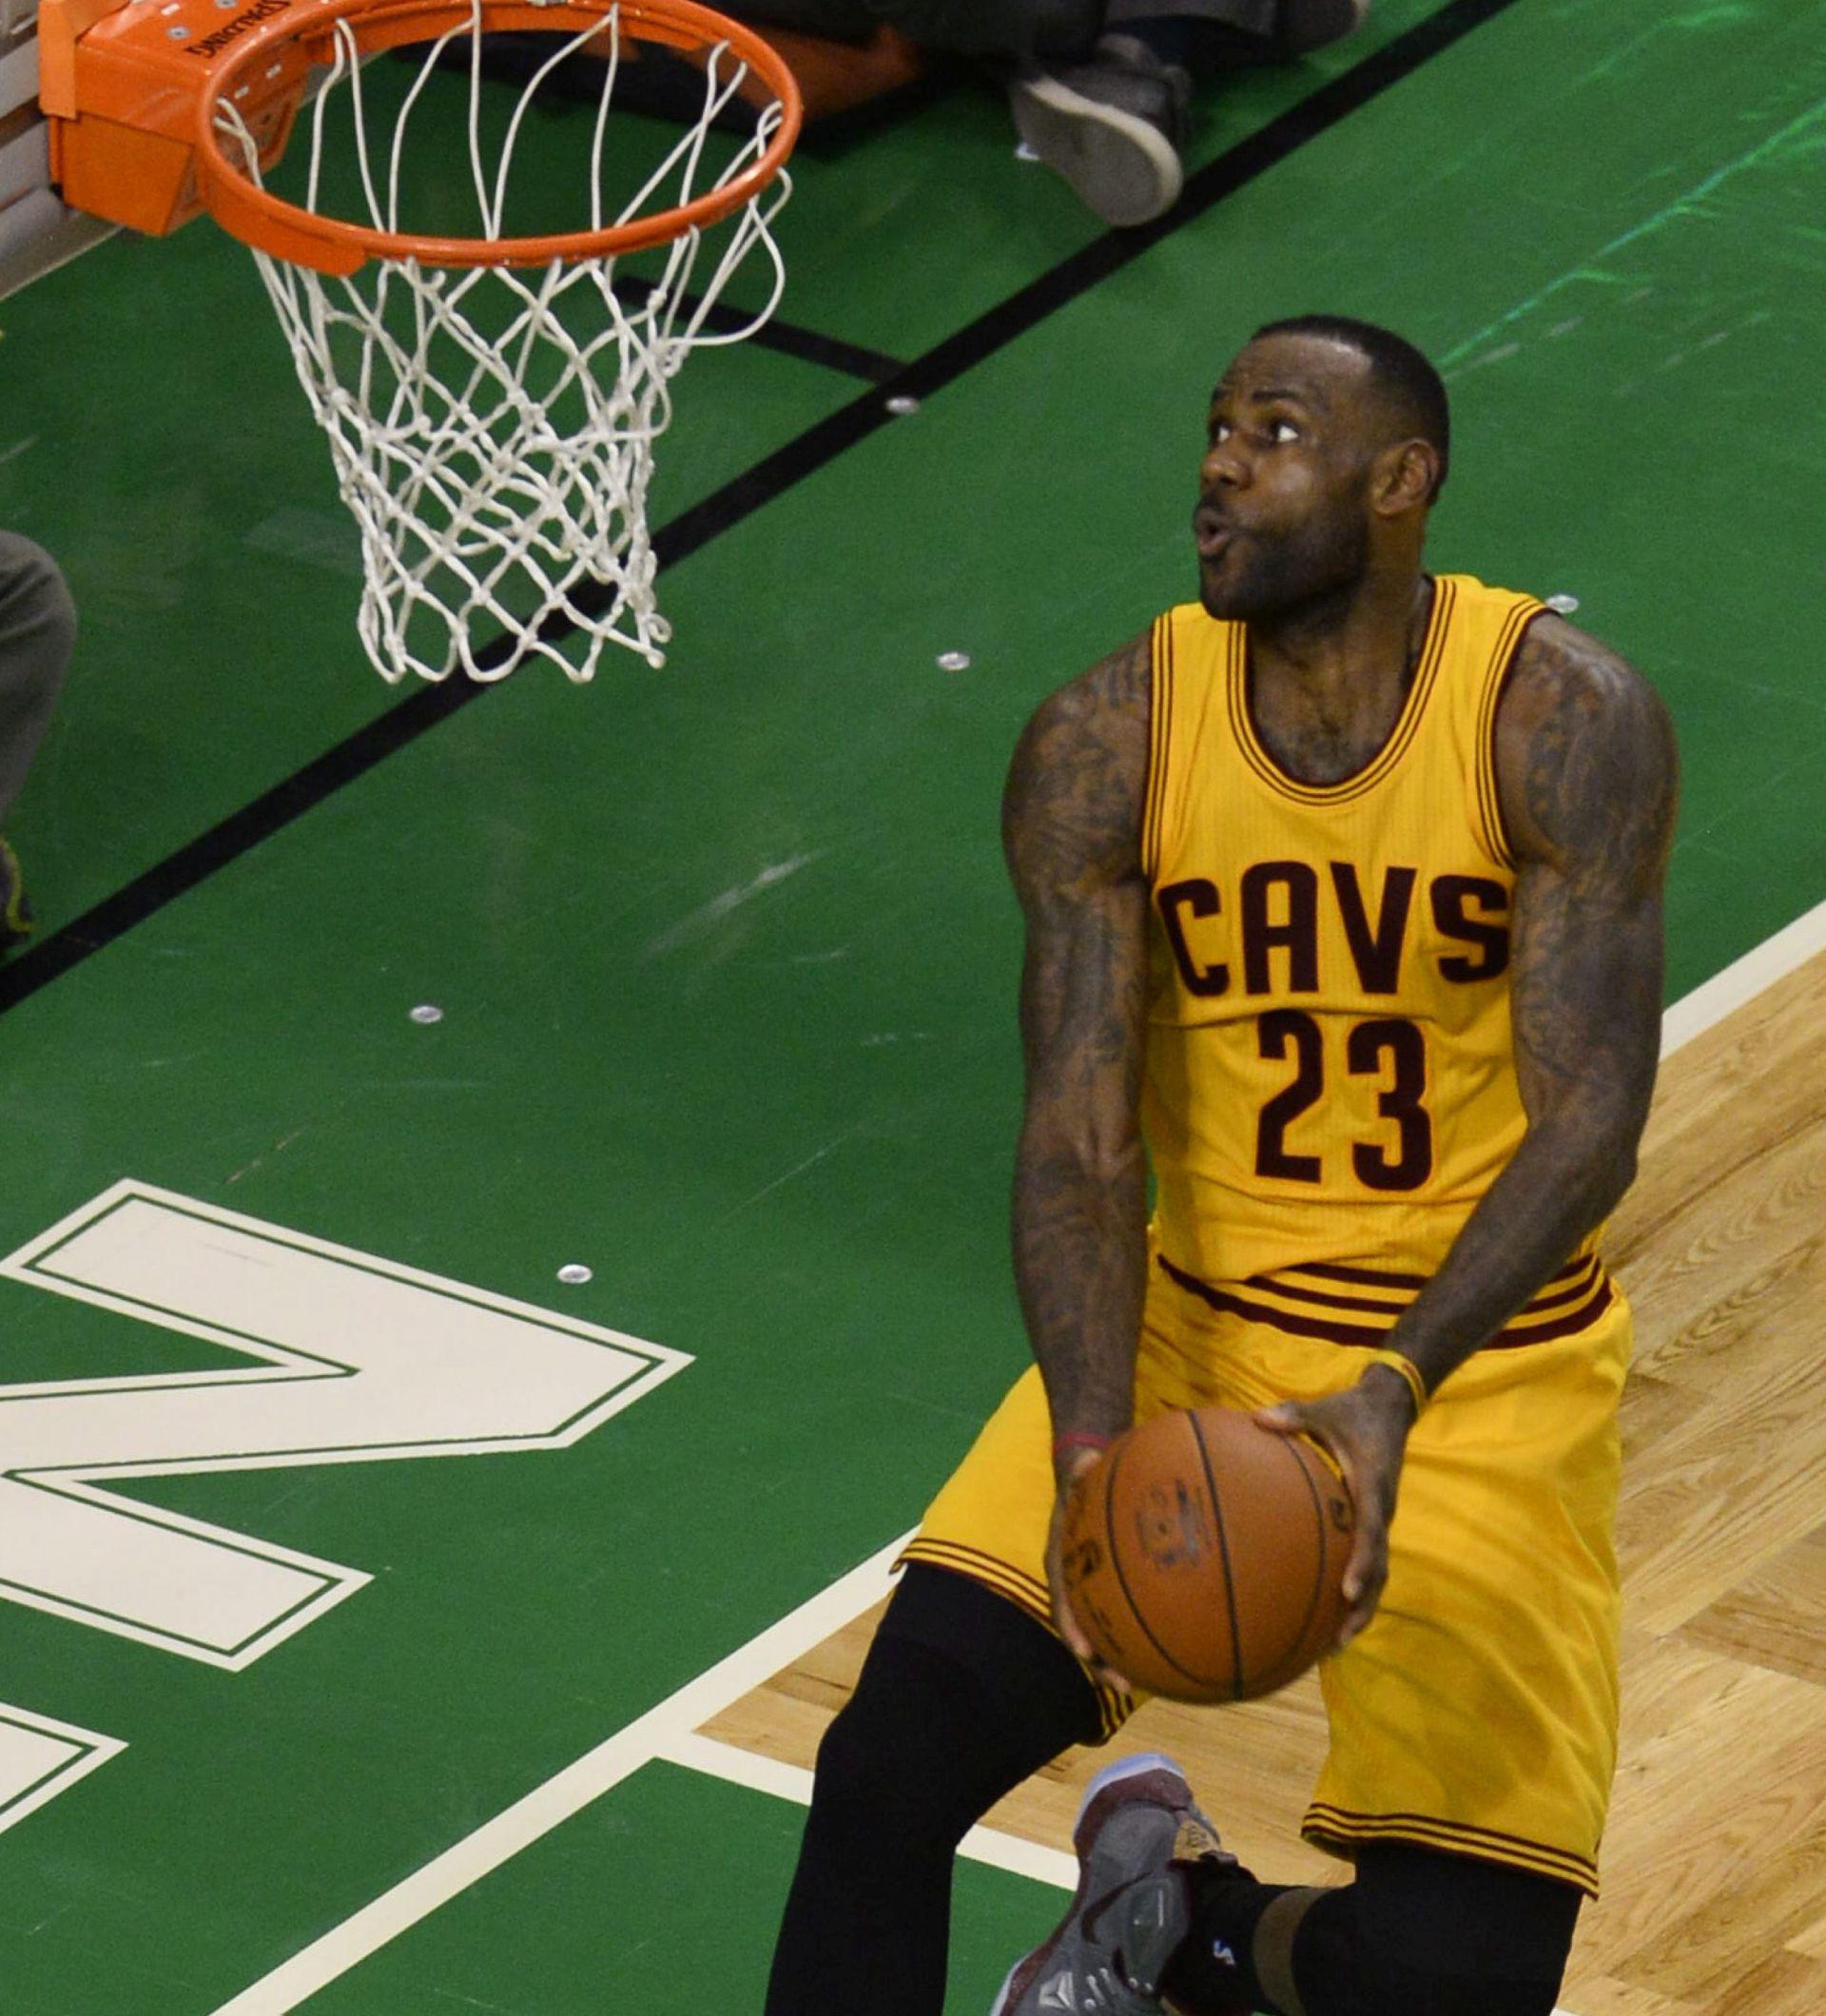 Briljantni LeBron James izborio majstoricu za Cleveland